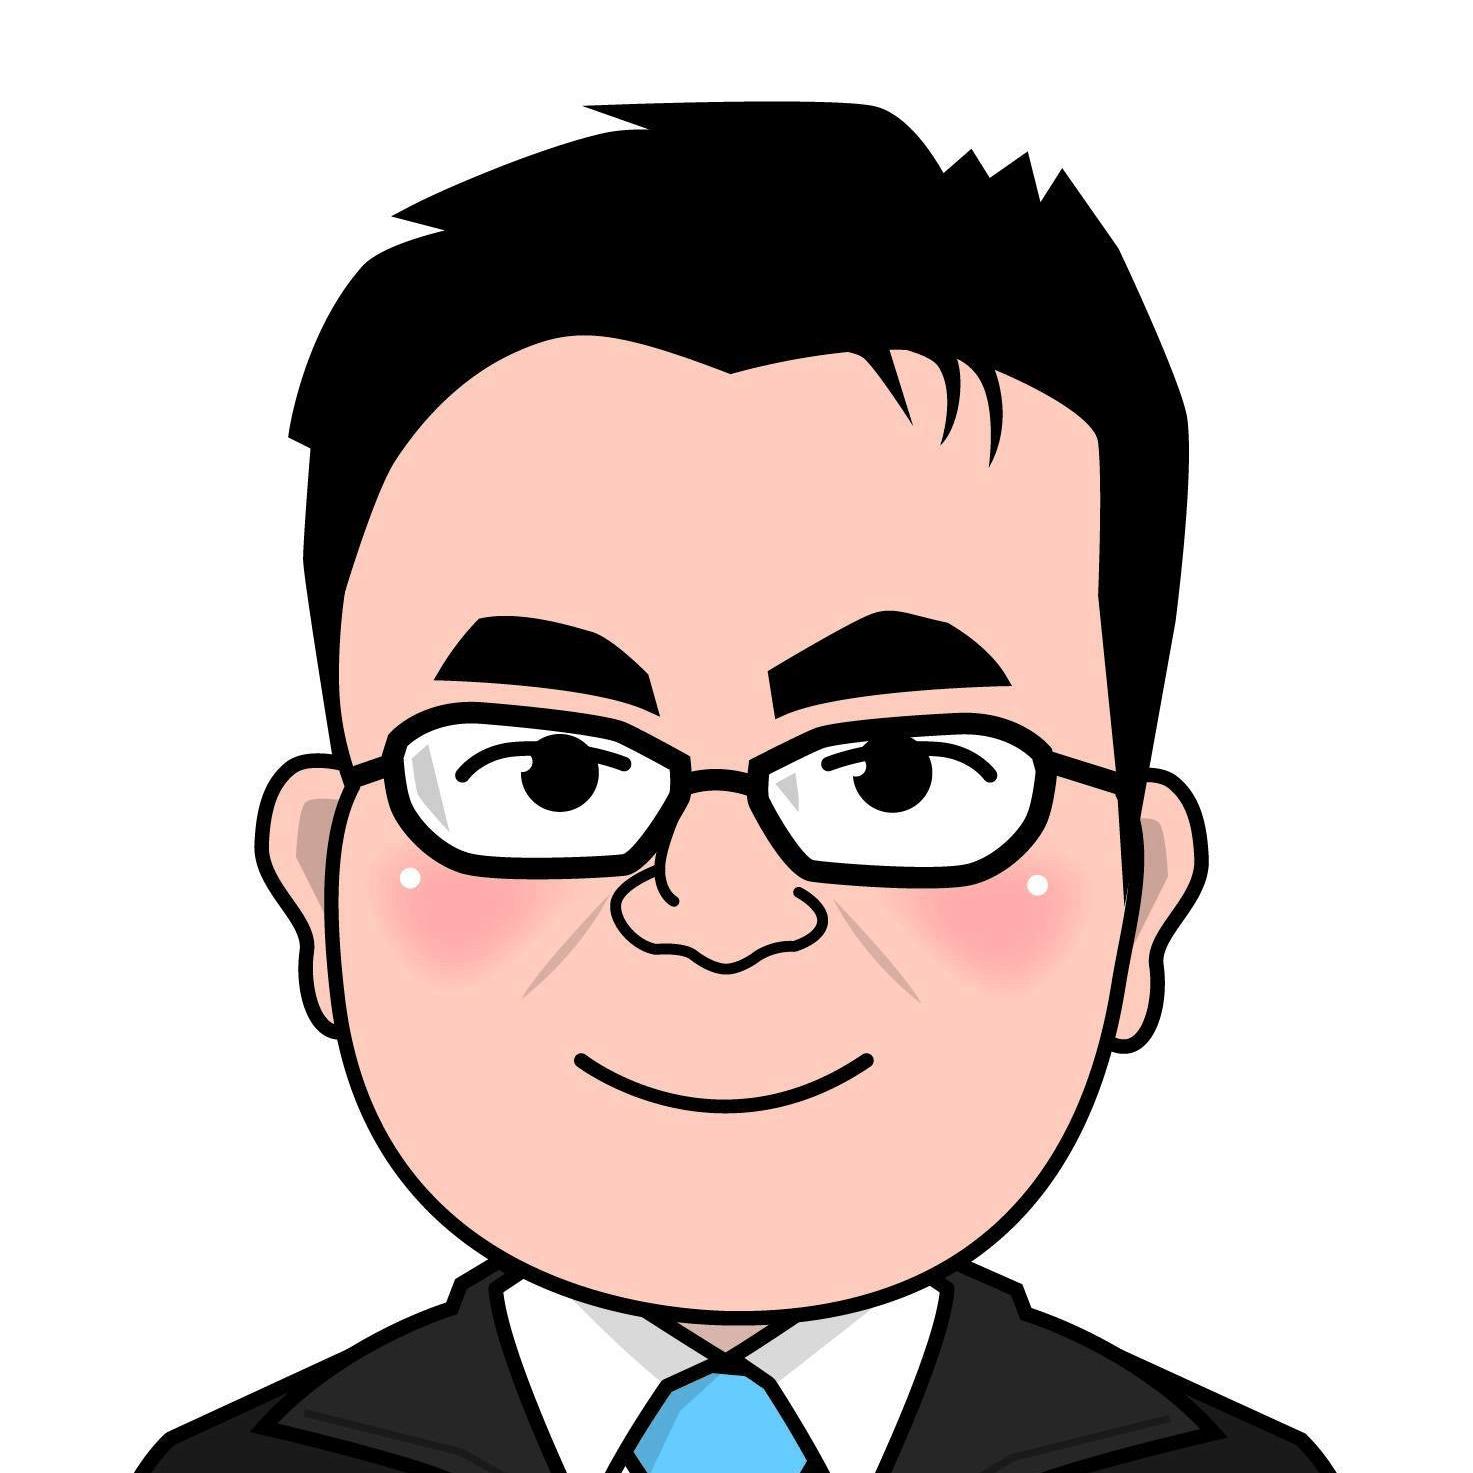 株式会社徳田屋 田中 英一郎